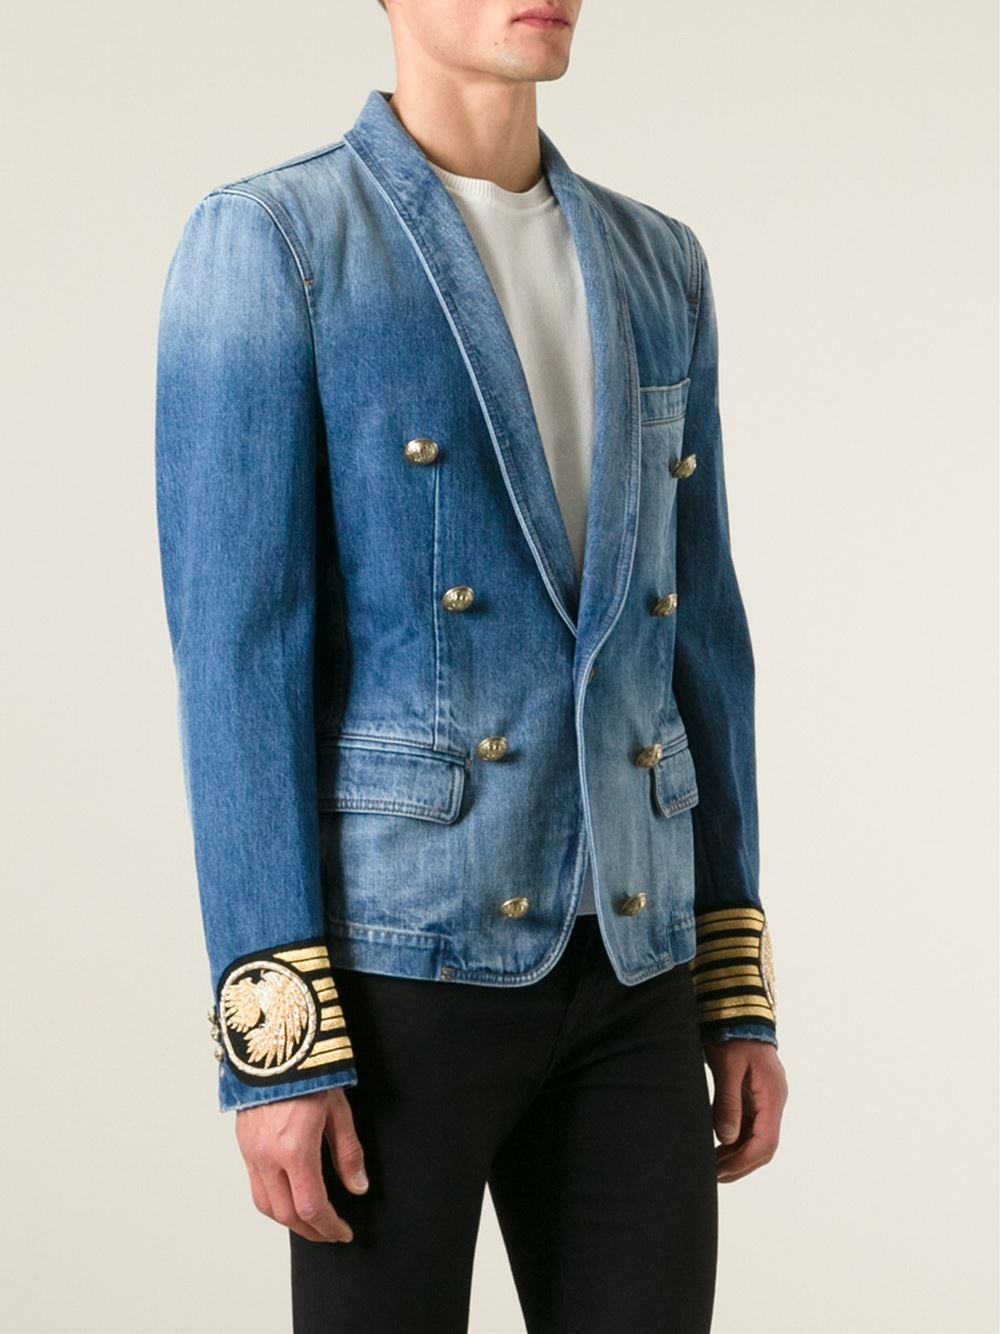 d2d82904 Balmain Denim Blazer in Blue for Men - Lyst